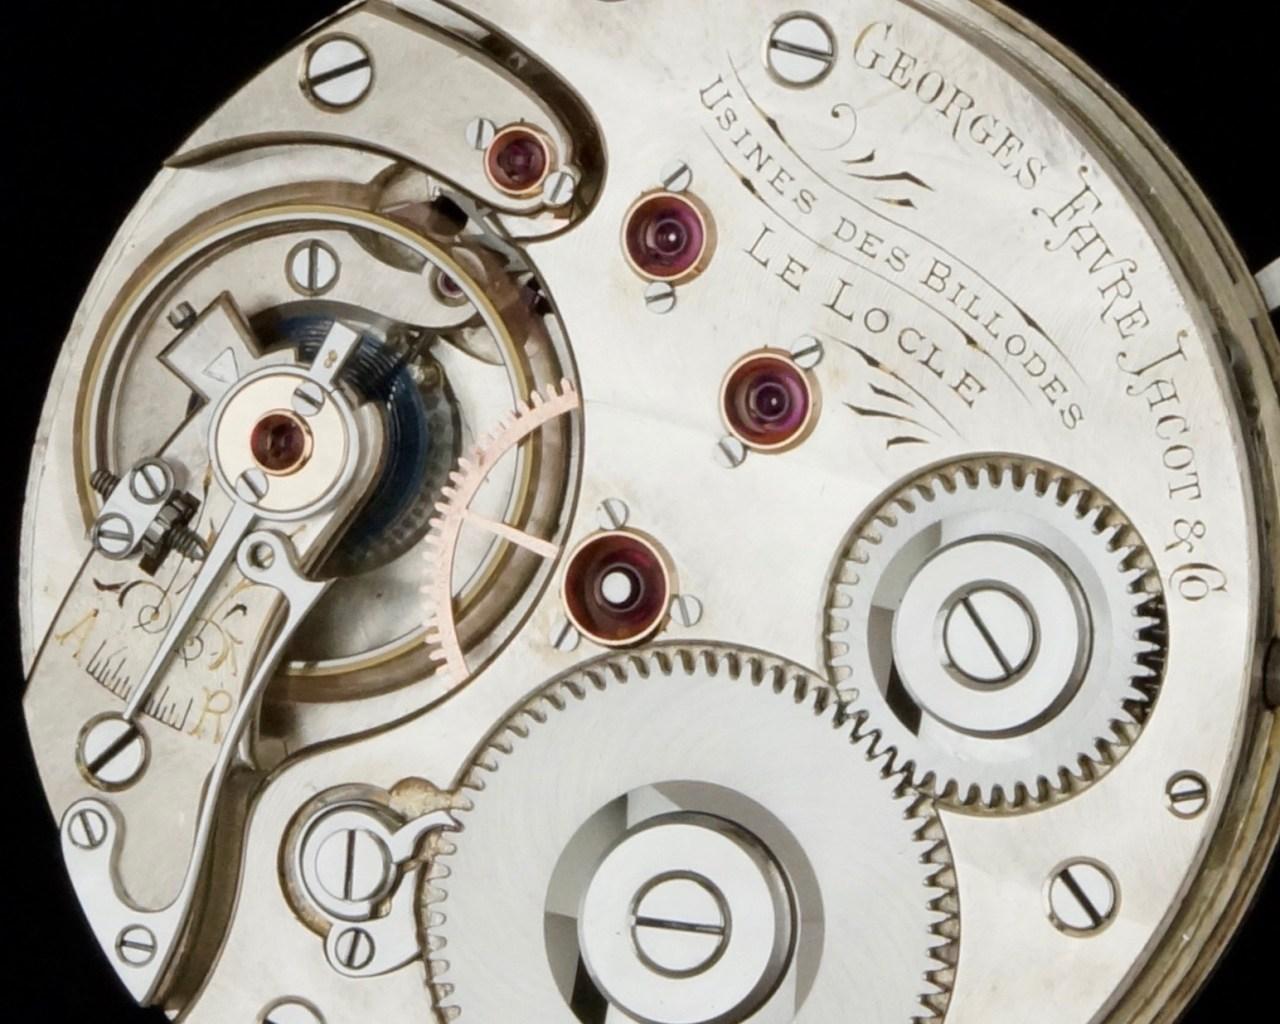 1475311198_georges_favre_jacot_zenith_usine_des_billodes_le_locle_montre_de_poche_chronometre_21